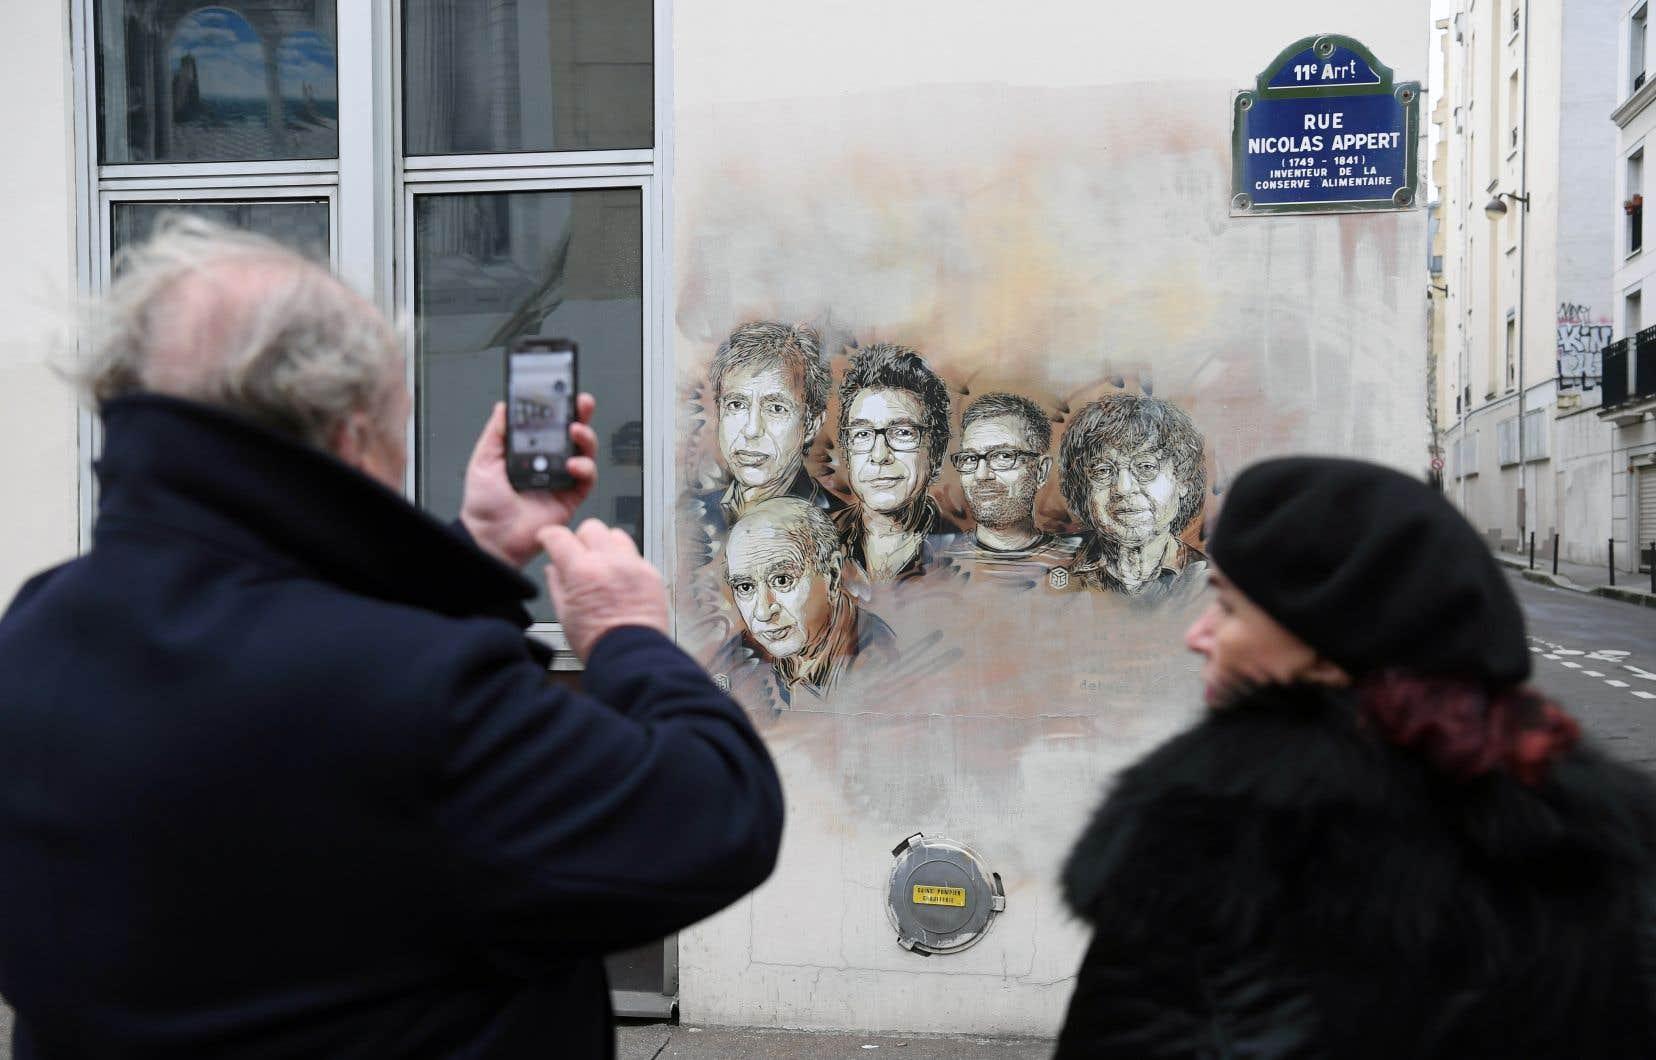 Des passants photographient les portraits des victimes et figures emblématiques de «Charlie Hebdo» près des bureaux de l'hebdomadaire sur la rue Nicolas-Appert, à Paris.